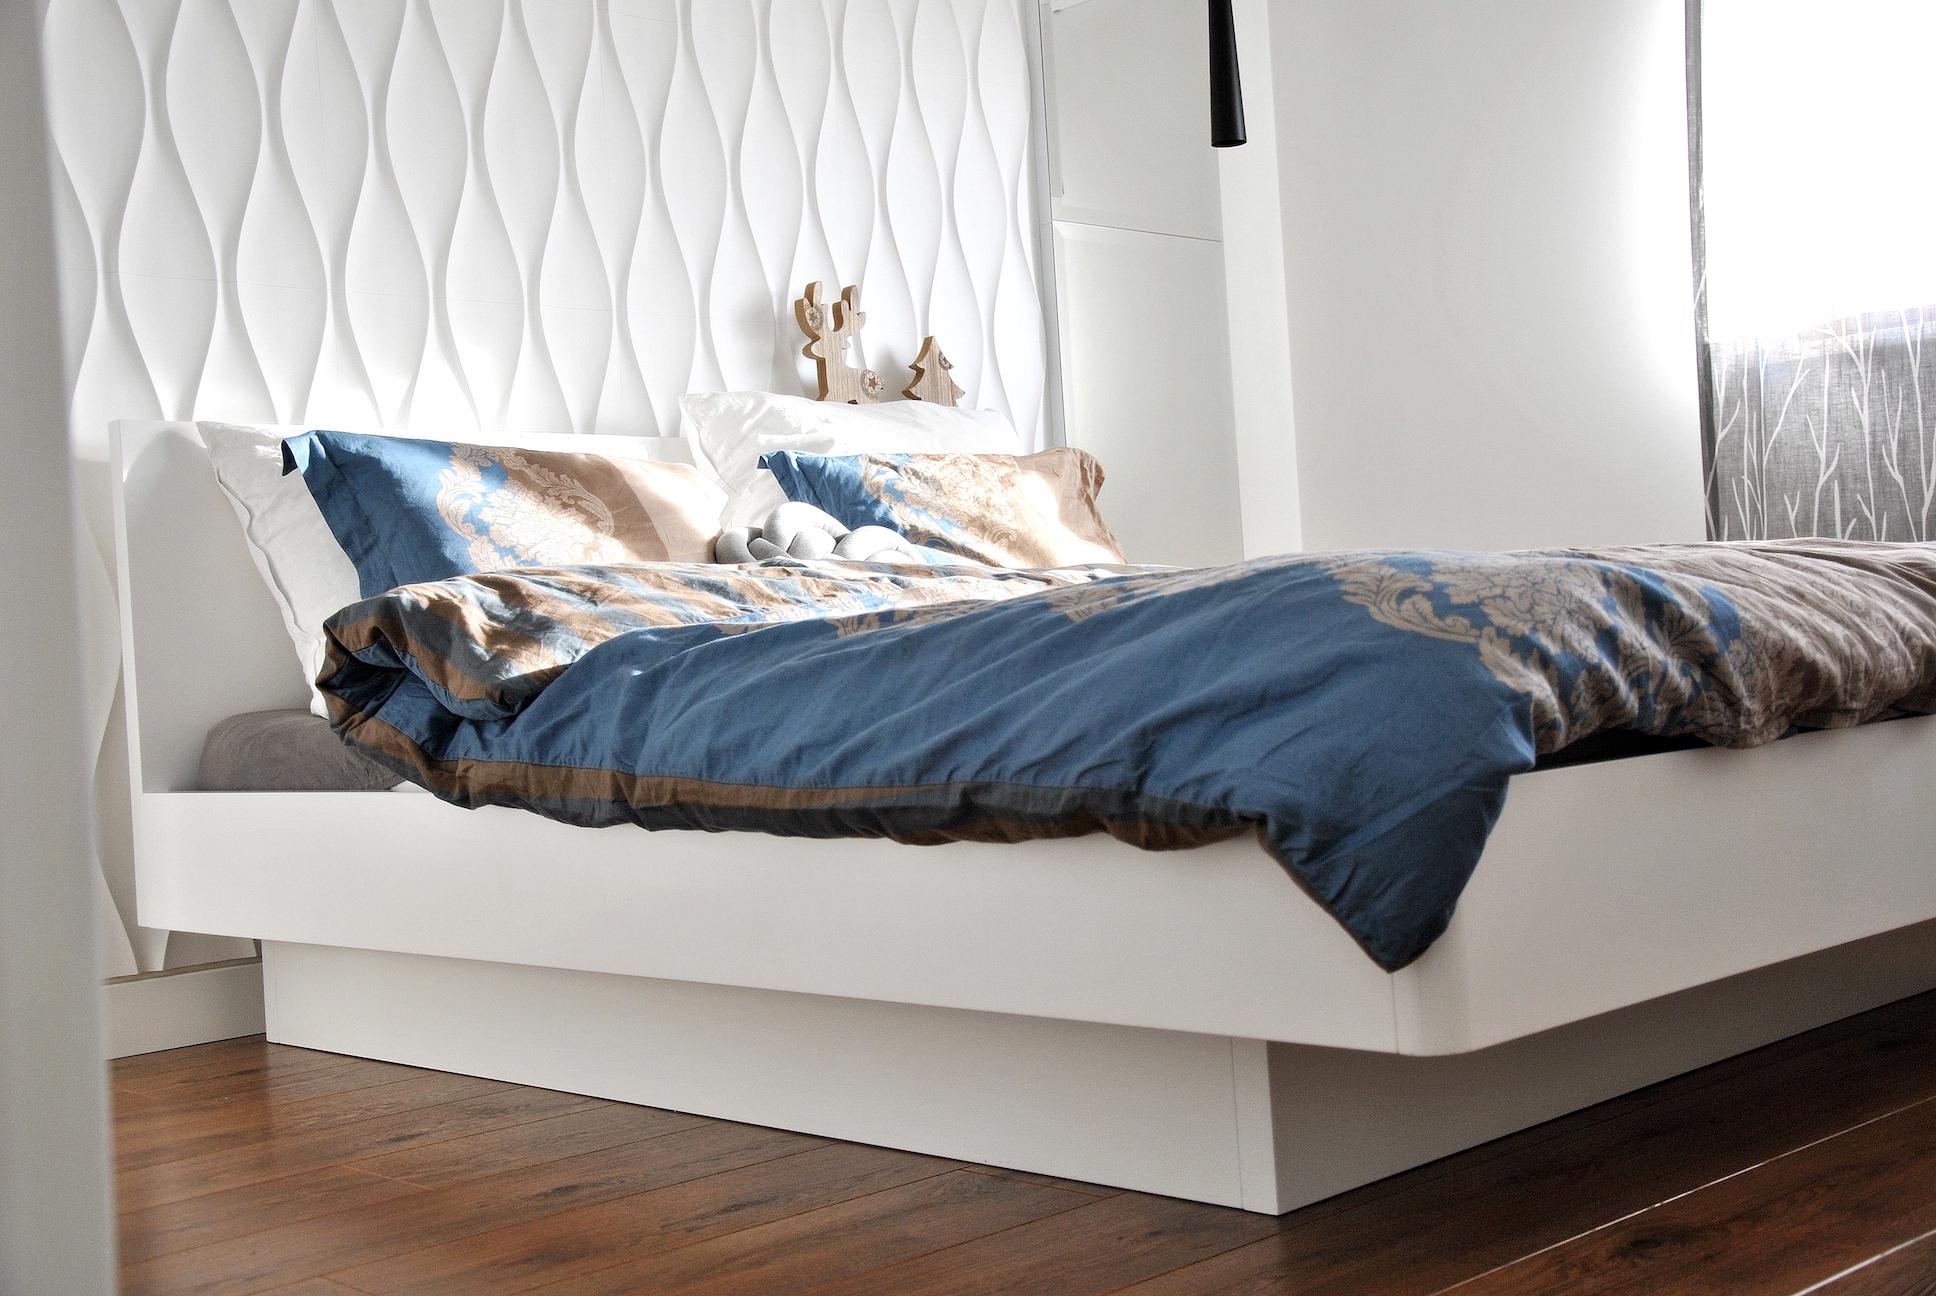 Nasza sypialnia- Wasza inspiracja, czyli jak urządzić małe wnętrze i niewielką garderobę